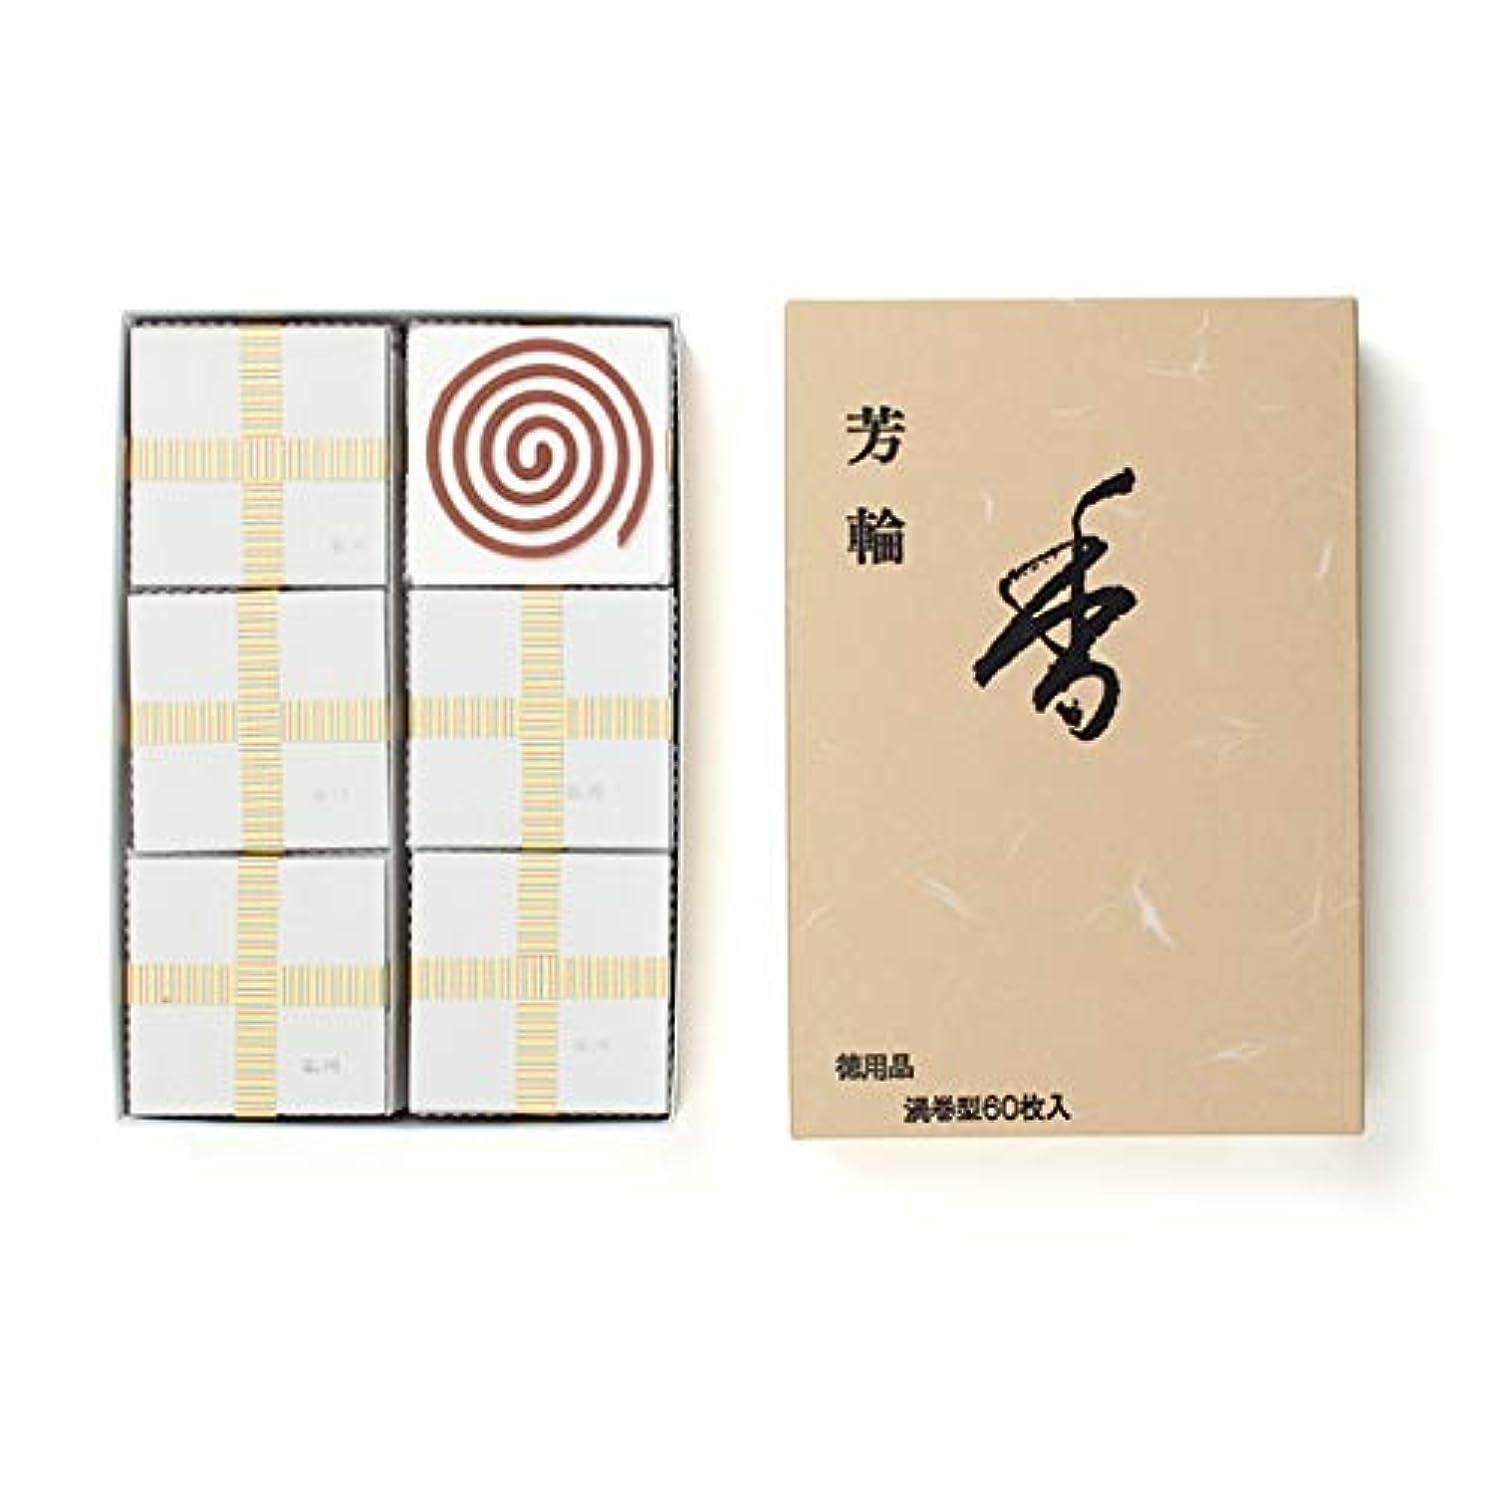 いじめっ子黙ナイロン芳輪 白川 徳用品(60枚入)